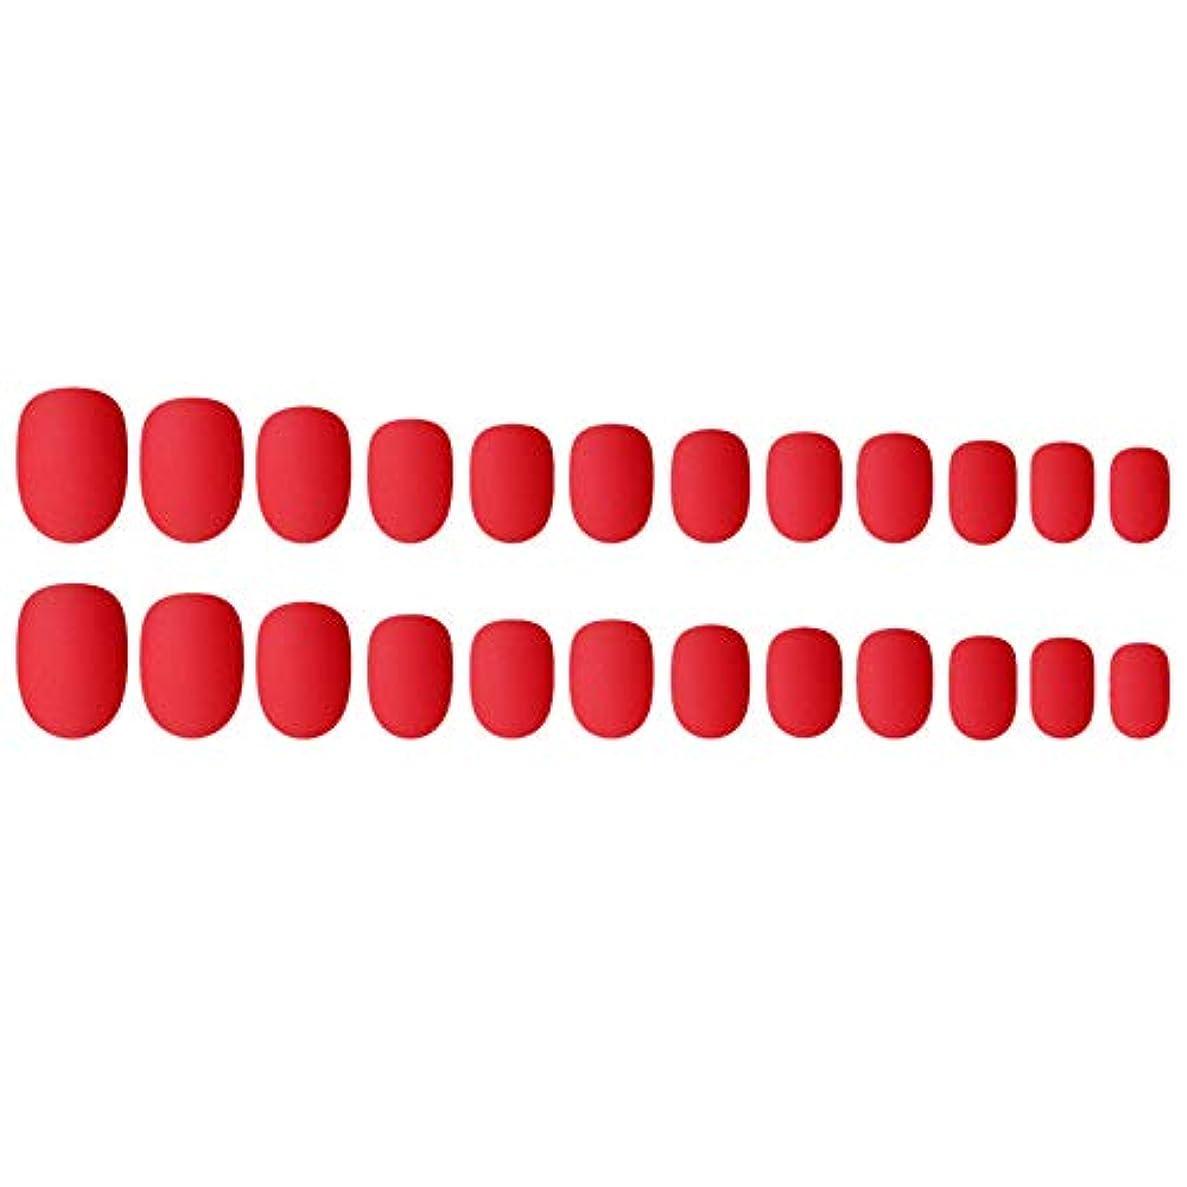 器官科学受け入れたDecdeal ネイルチップ 24ピース 偽ネイルのヒント 12種類のサイズ ネイルサロン diy ネイルアートツール